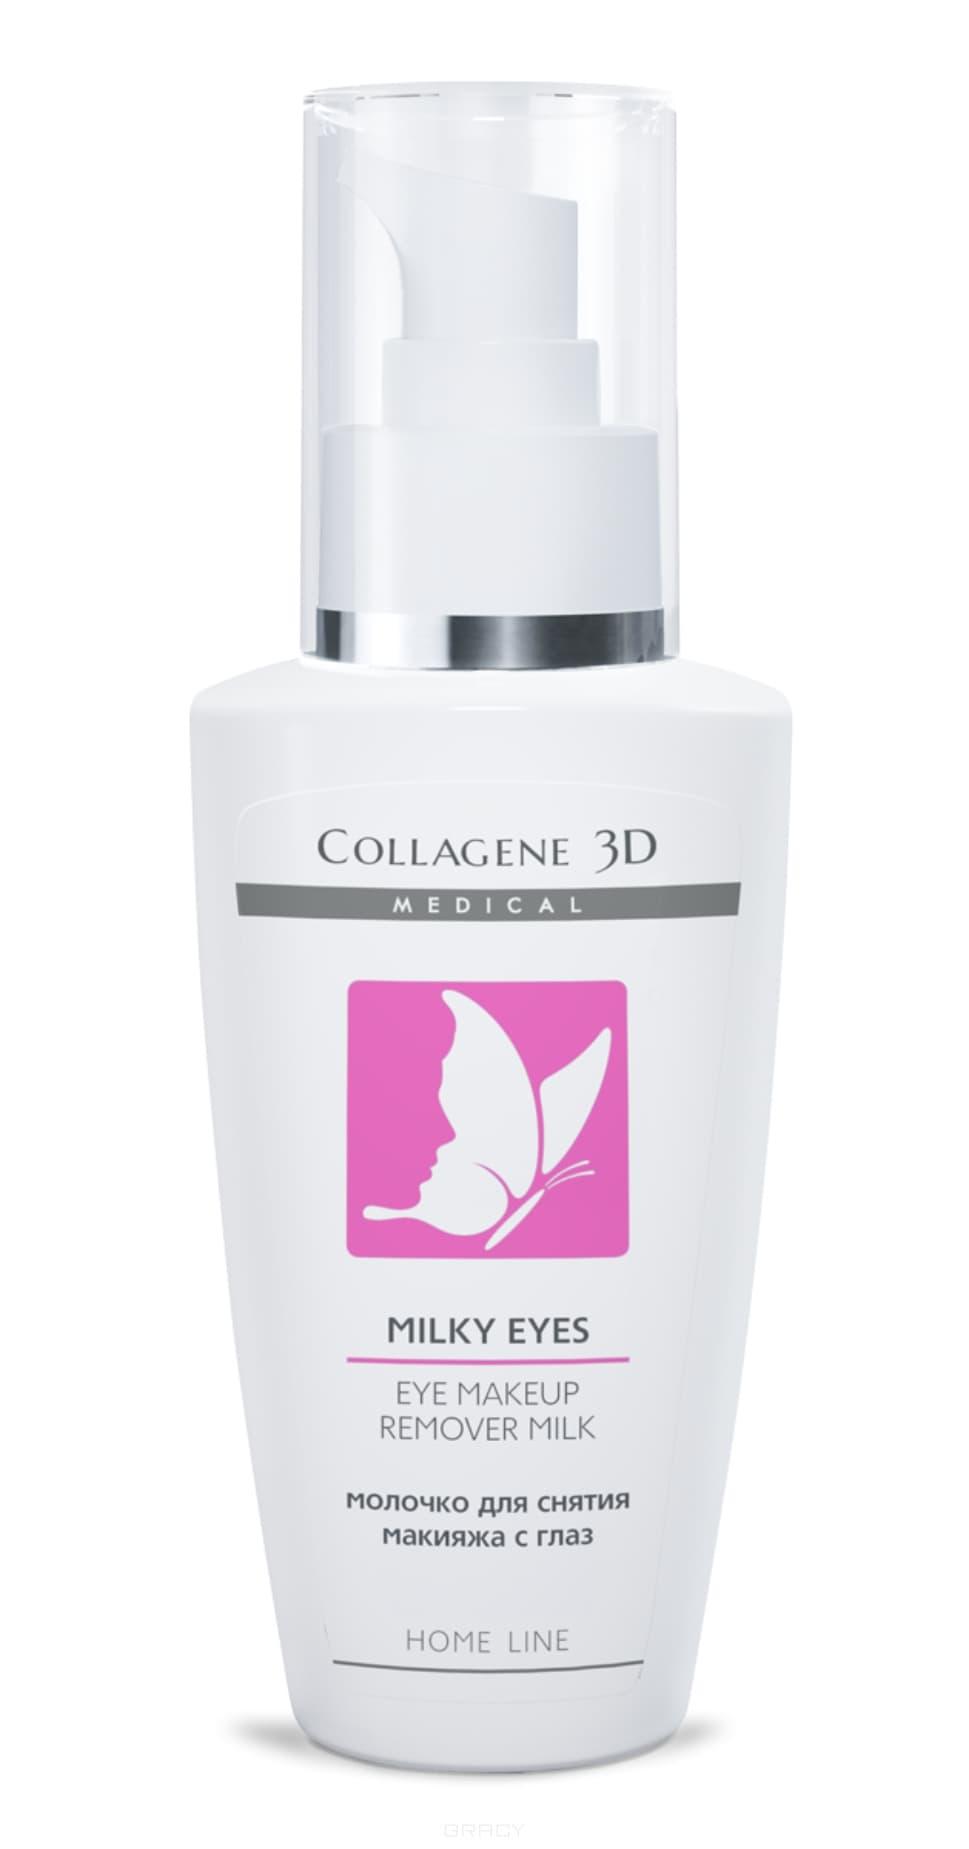 Collagene 3D Молочко для глаз Milky Eyes очищающее, 125 мл